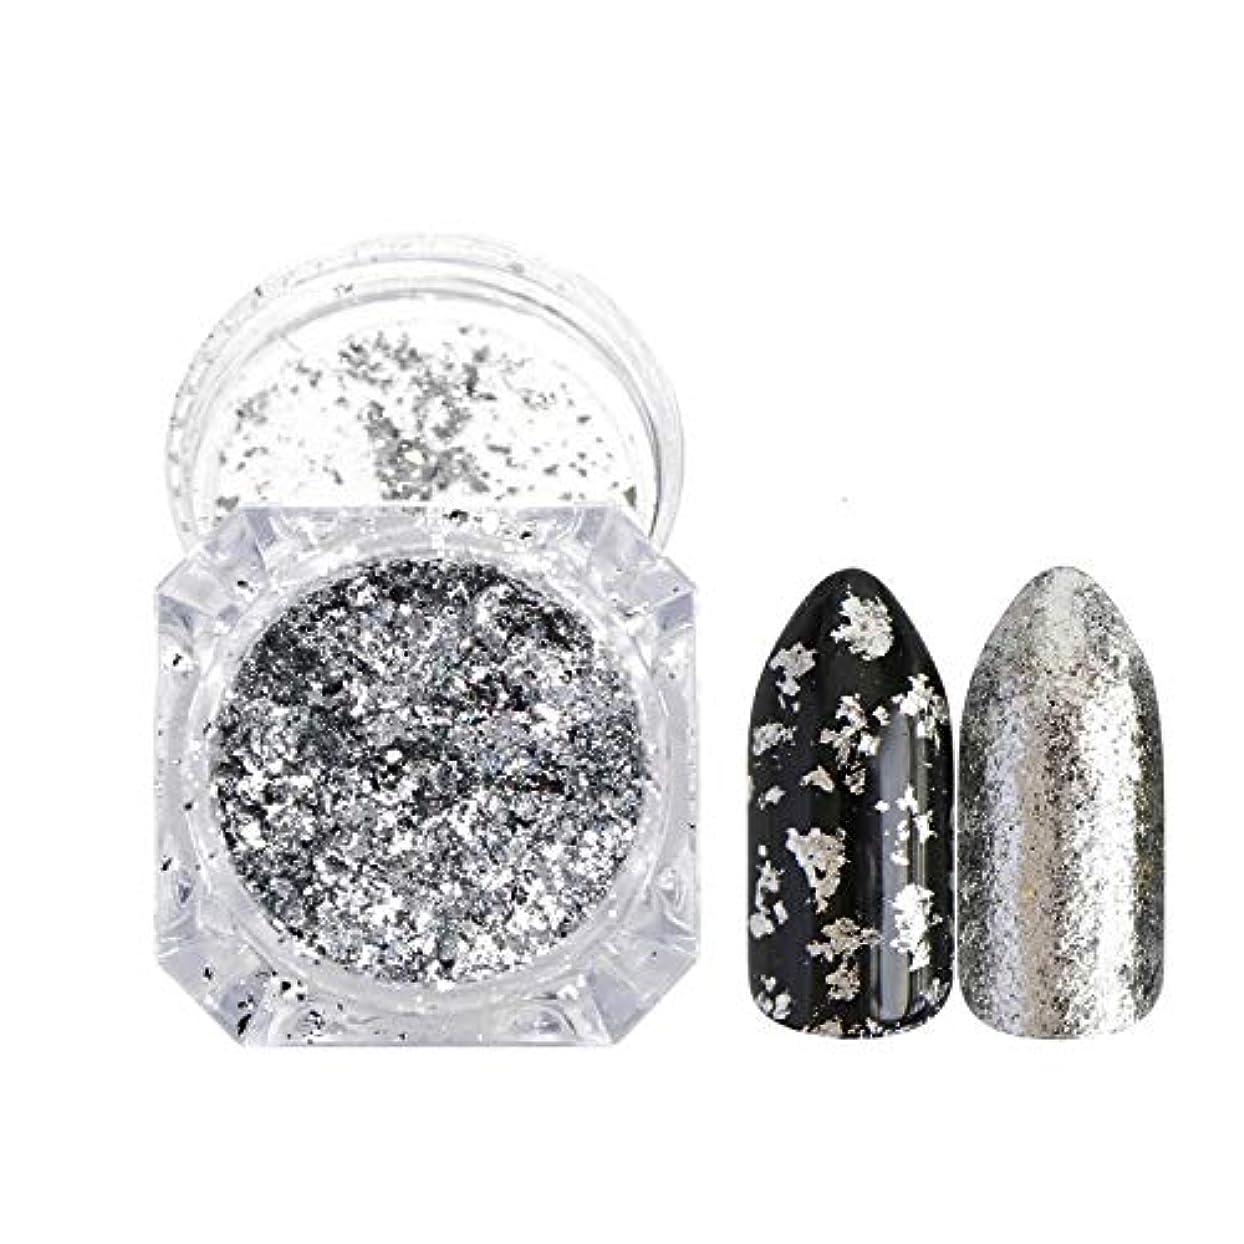 始める贈り物新しいネイルDIYネイルホイルシャイニーパウダーツール飾り,Silver